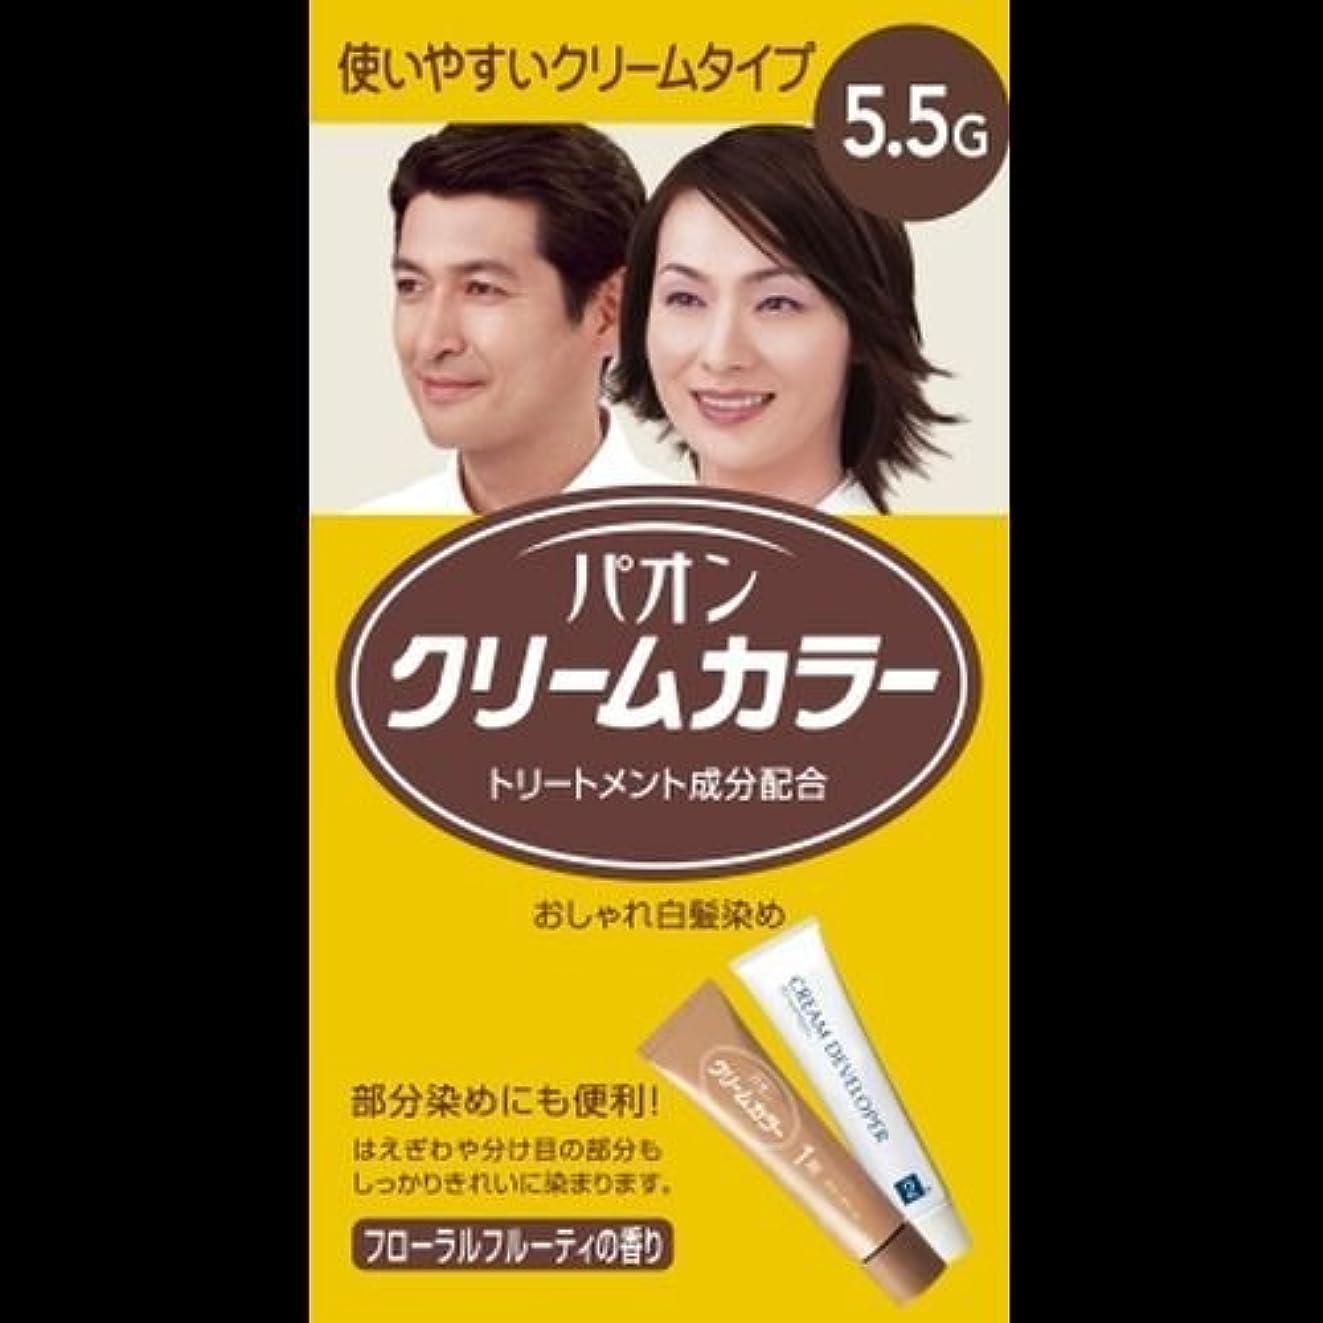 パイプライン気まぐれな寛容なパオン クリームカラー5.5-G 濃いめの栗色 ×2セット